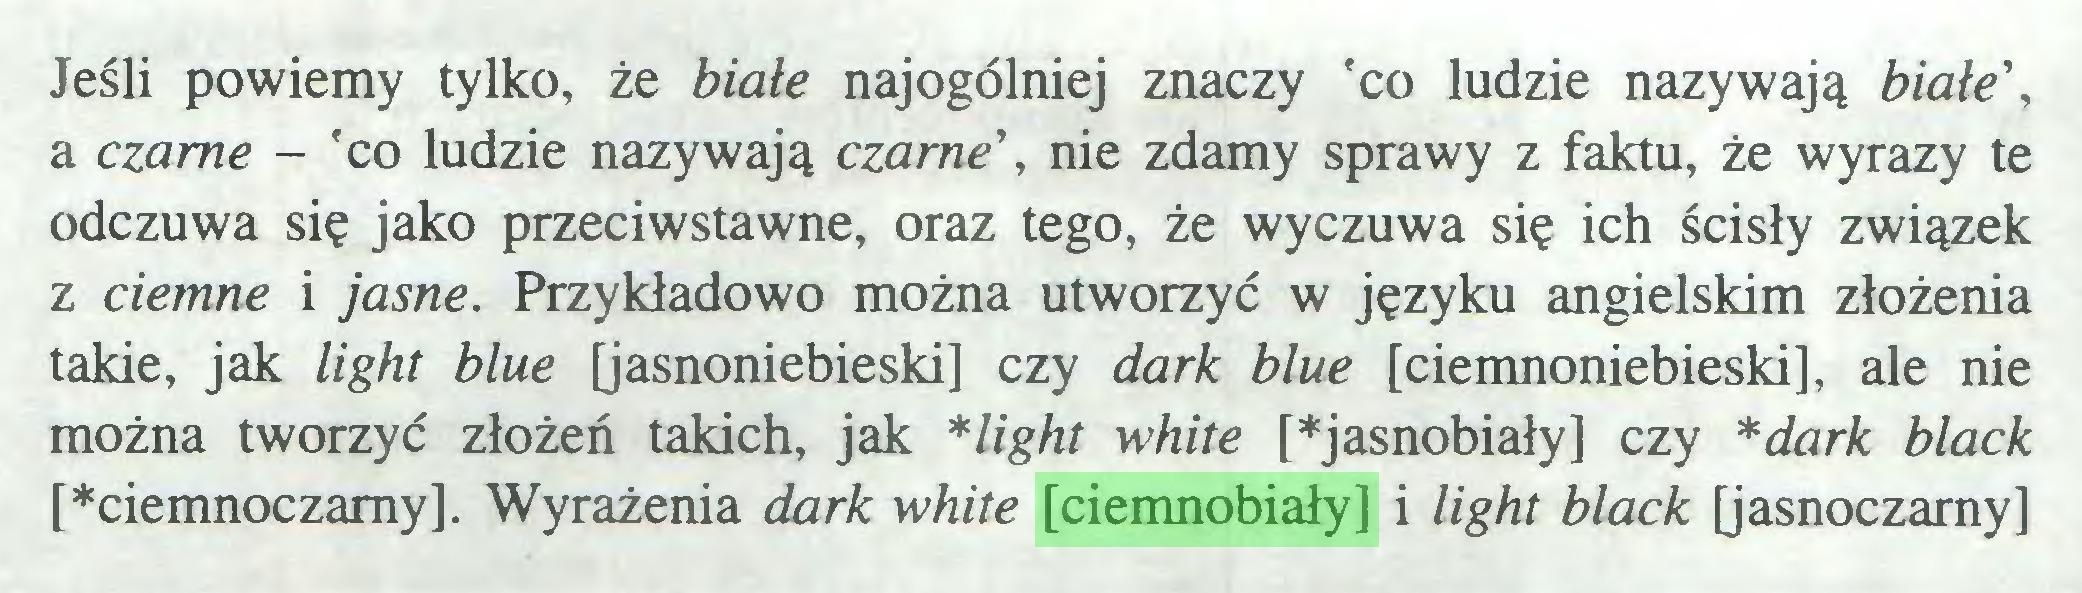 (...) Jeśli powiemy tylko, że białe najogólniej znaczy 'co ludzie nazywają białe', a czarne - 'co ludzie nazywają czarne', nie zdamy sprawy z faktu, że wyrazy te odczuwa się jako przeciwstawne, oraz tego, że wyczuwa się ich ścisły związek z ciemne i jasne. Przykładowo można utworzyć w języku angielskim złożenia takie, jak light blue [jasnoniebieski] czy dark blue [ciemnoniebieski], ale nie można tworzyć złożeń takich, jak *light white [*jasnobiały] czy *dark black [*ciemnoczamy]. Wyrażenia dark white [ciemnobiały] i light black [jasnoczamy]...